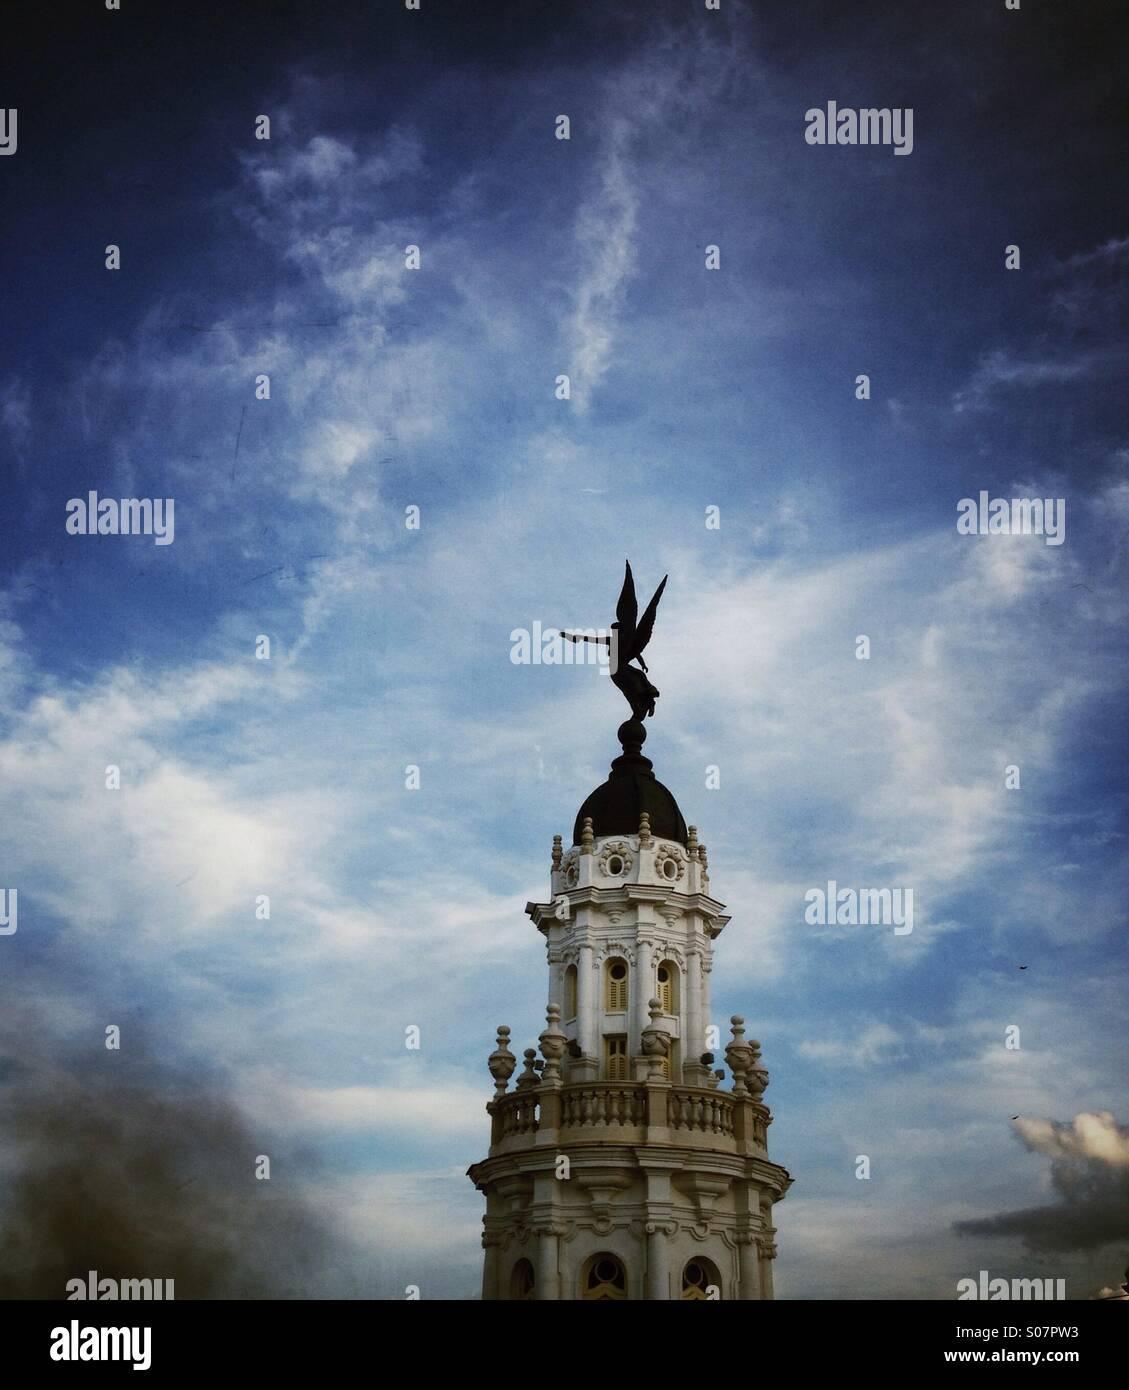 Winged Angel statue schmückt eine reich verzierte Turm des Grand Theatre Havanna Kuba Stockbild